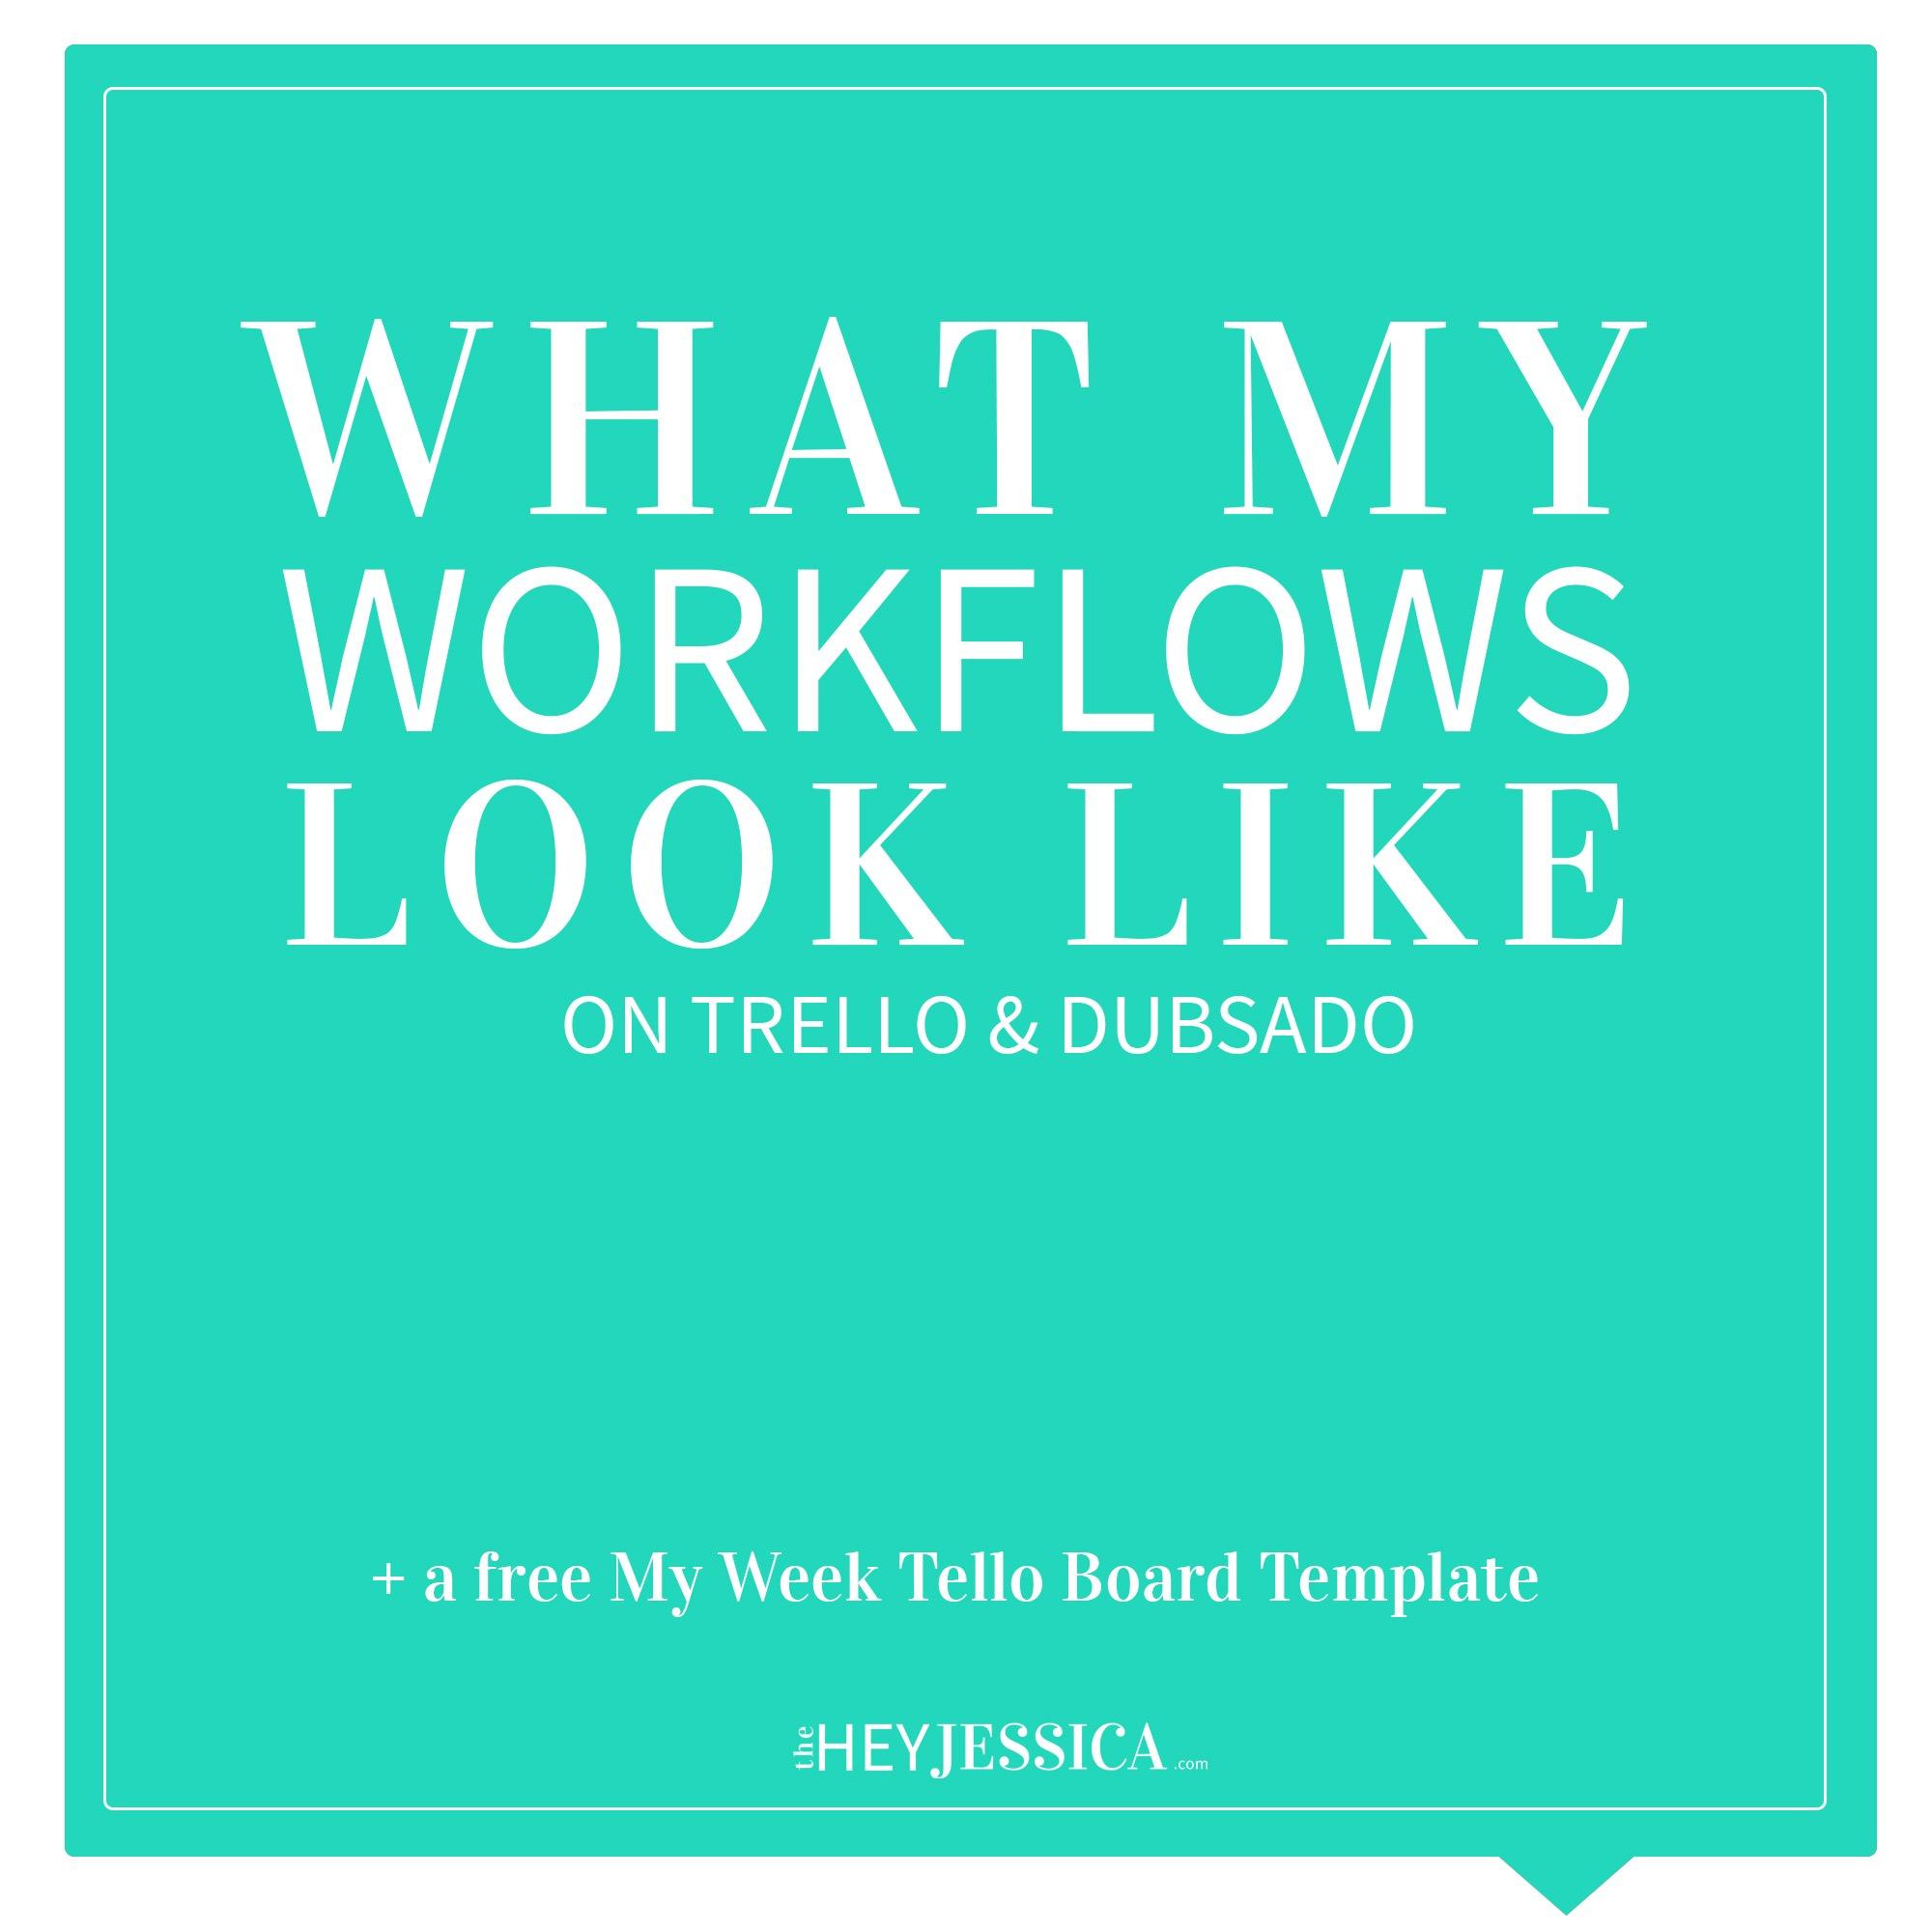 What My Workflows Looks Like | Trello & Dubsado